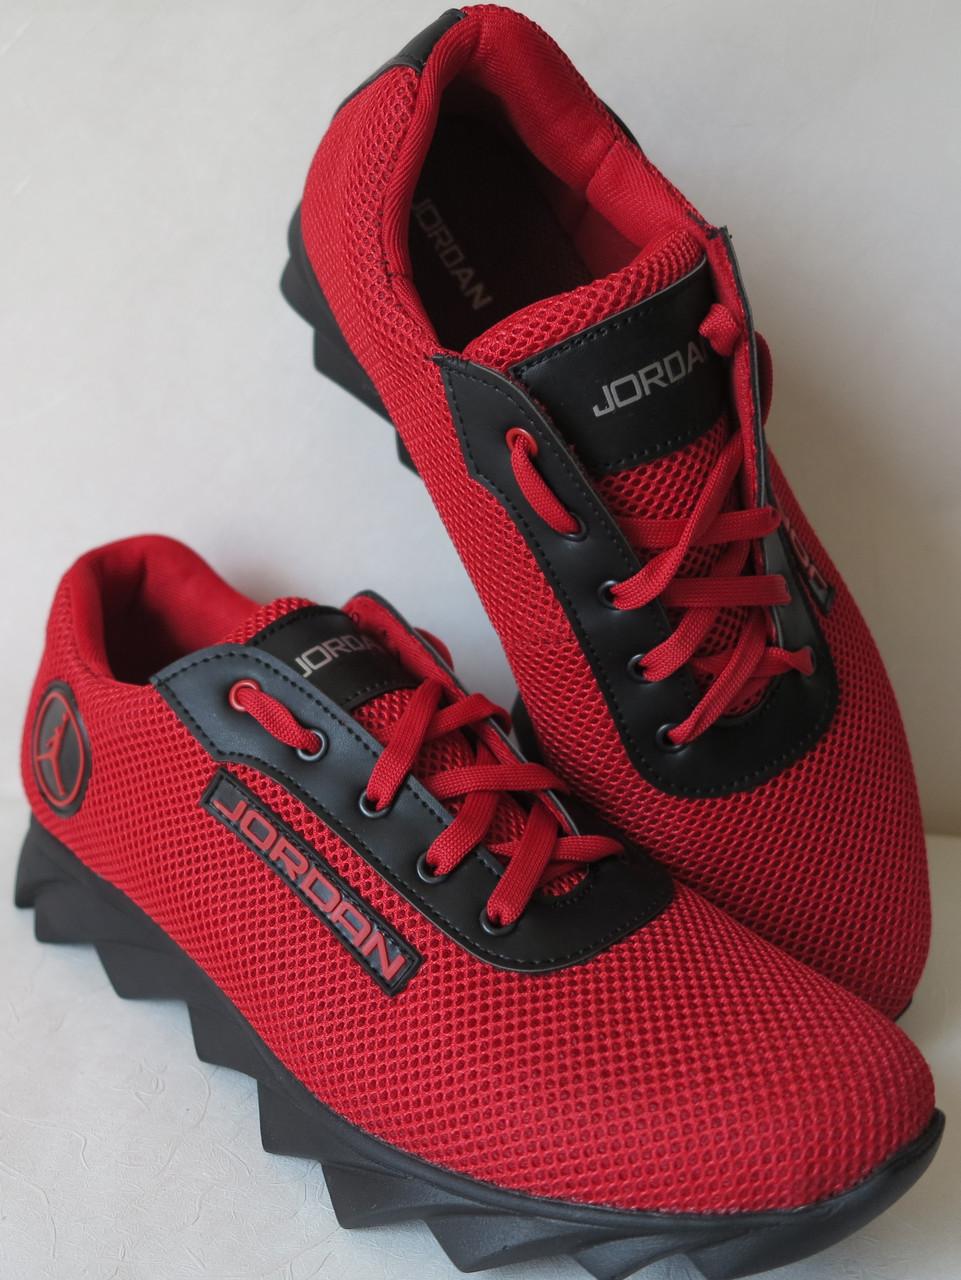 e949794ac64520 Jordan! літні червоні чоловічі спортивні кросівки сітка шкіра репліка  весняне чоловіче спортивне взуття